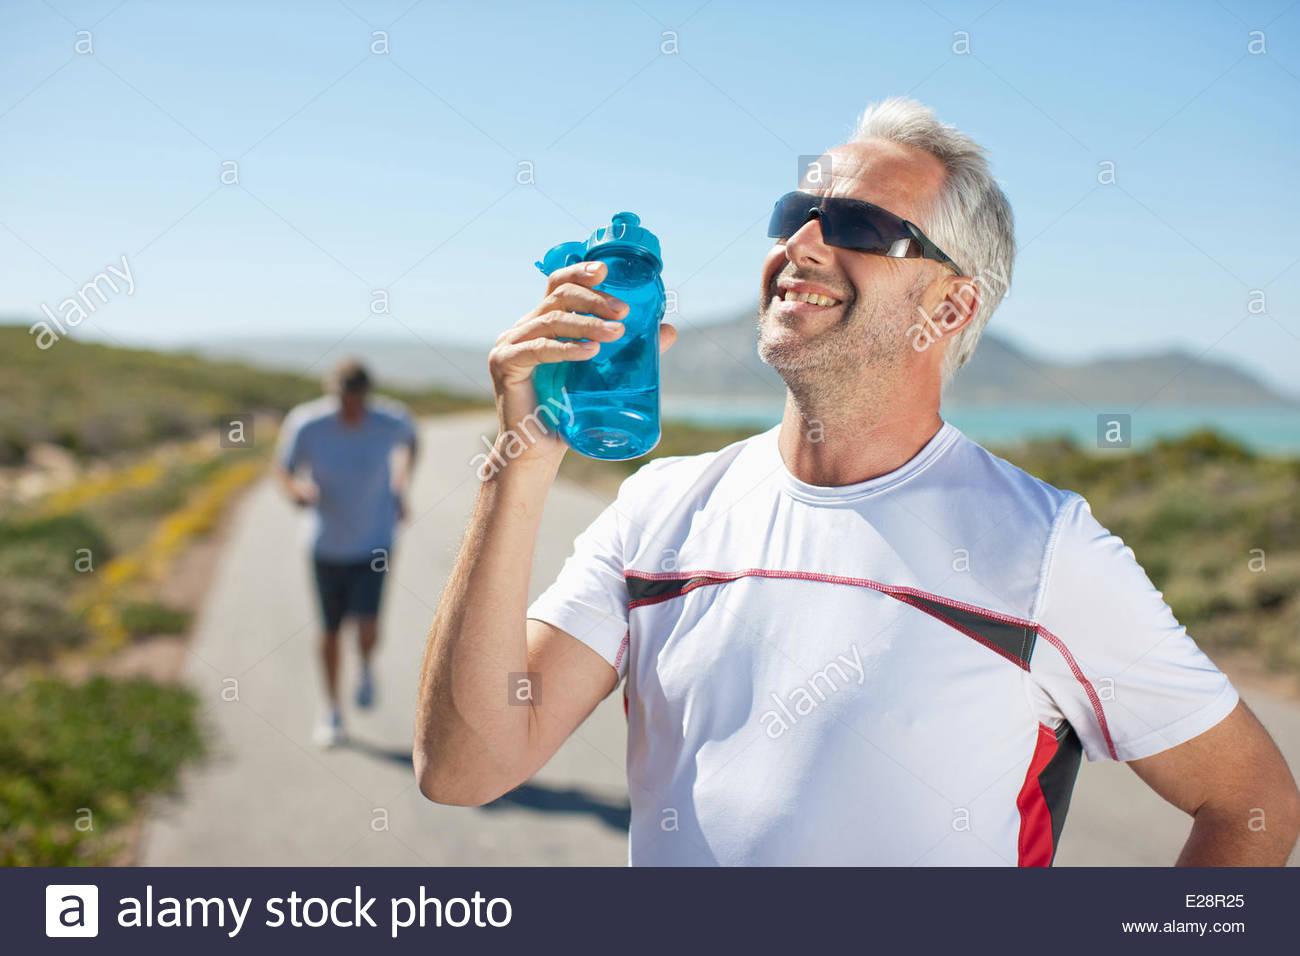 Uomo di bere dalla bottiglia di acqua su strada in remoto Immagini Stock